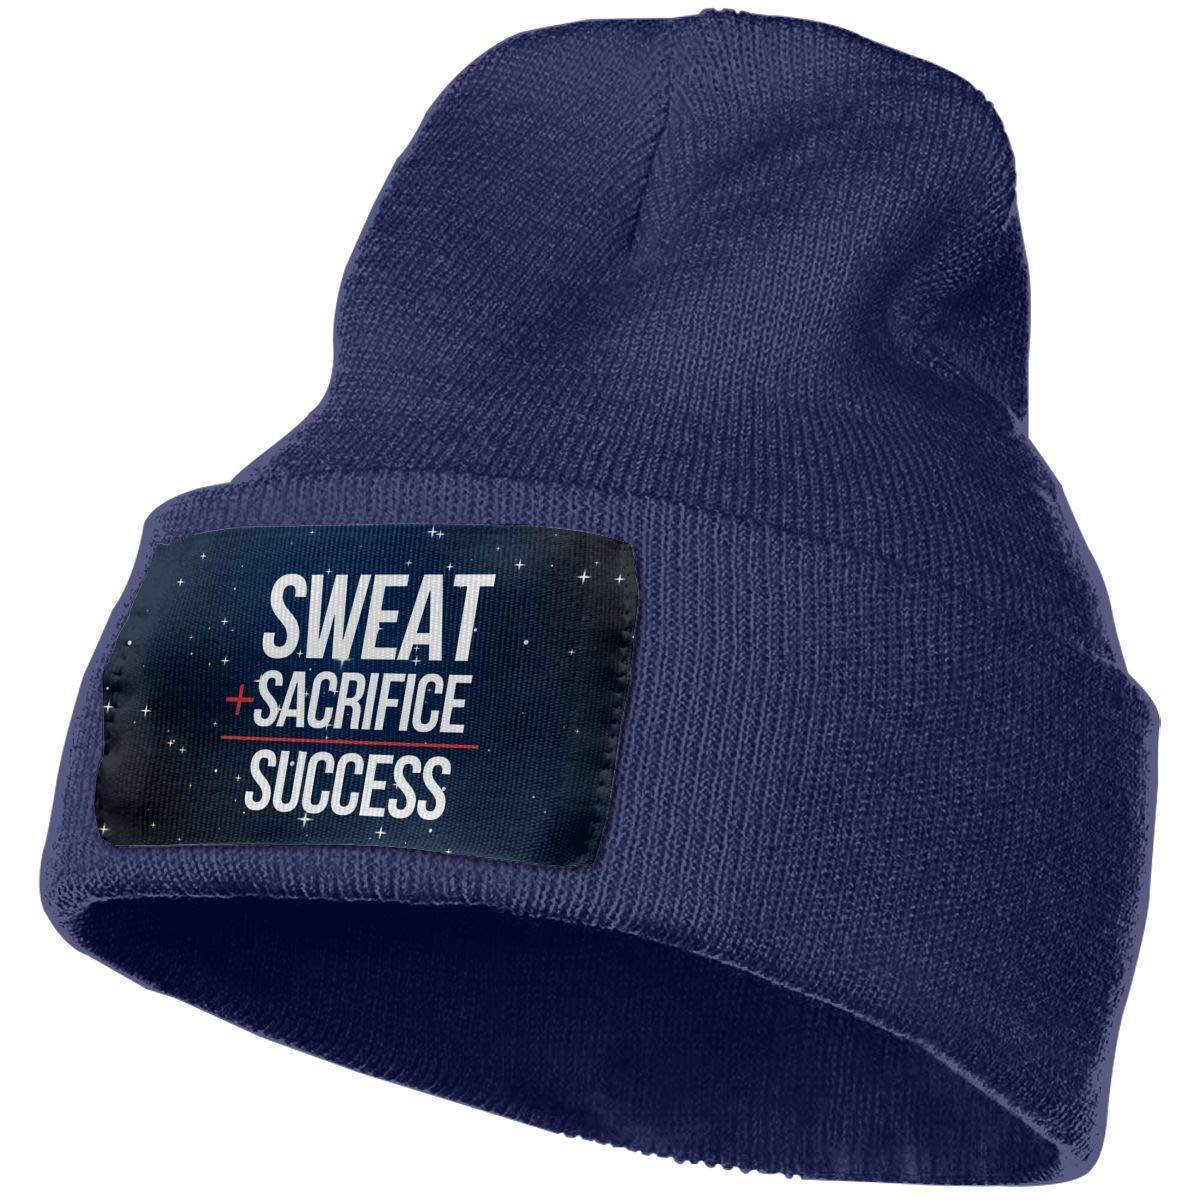 Helidoud Sweat Sacrifice Succes Winter Beanie Hat Knit Hat Cap for for Men /& Women